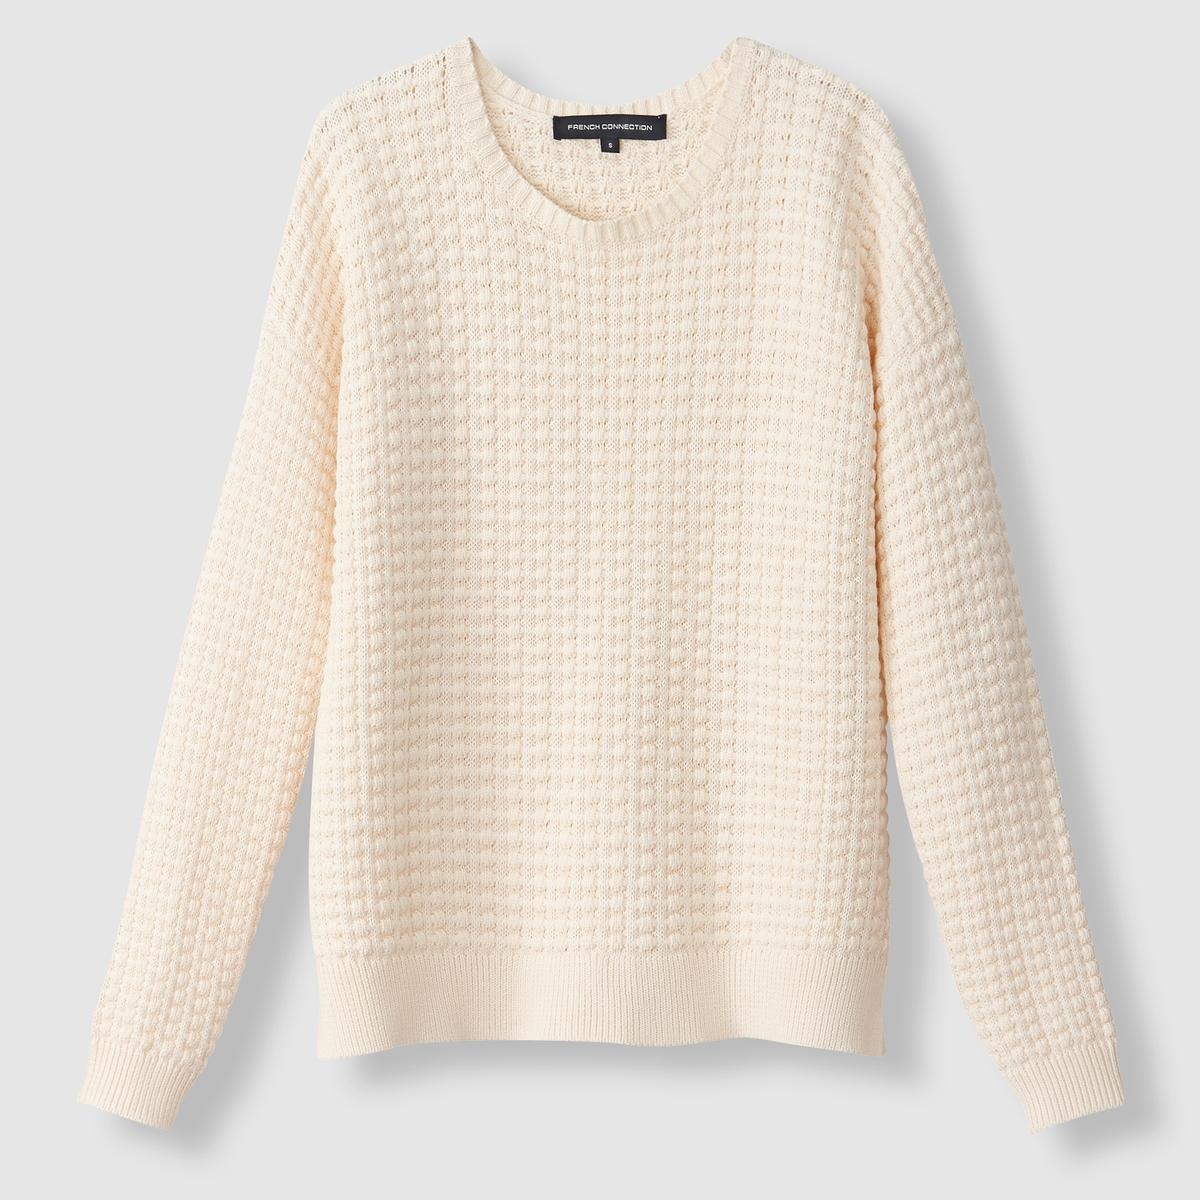 Пуловер хлопковый, вязаный трикотажСостав и описание : Материал : 100% хлопка.Марка : French Connection<br><br>Цвет: кремовый<br>Размер: S.M